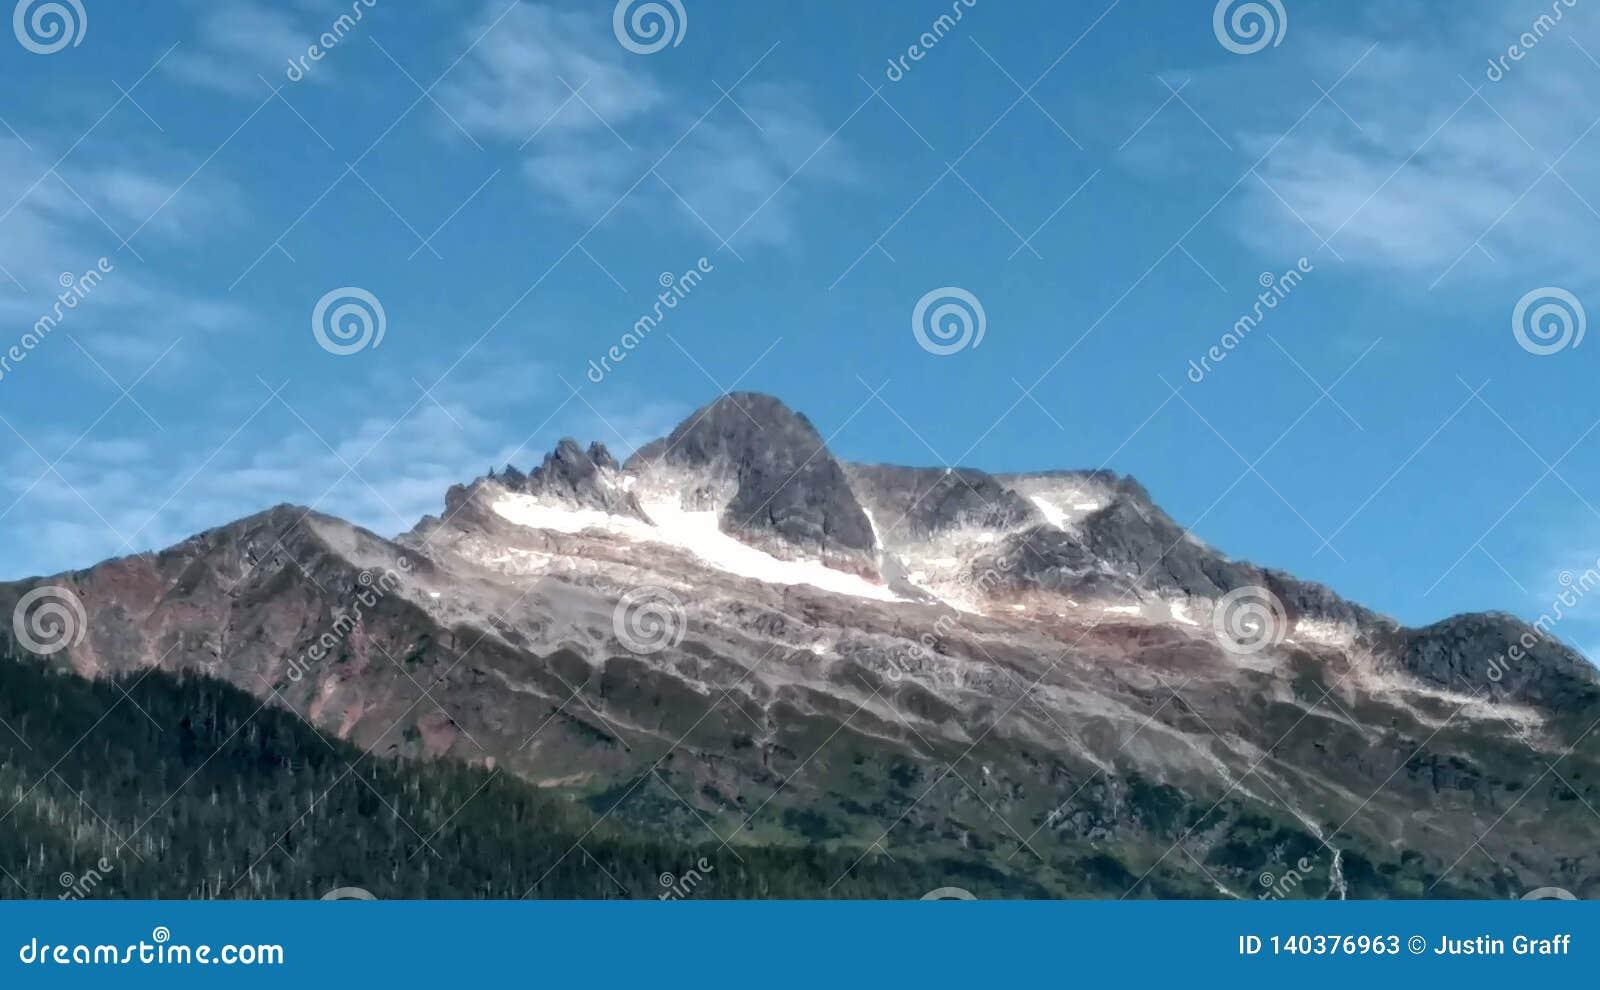 La neige a couvert le dessus de montagne sous un ciel bleu de nuages effilés